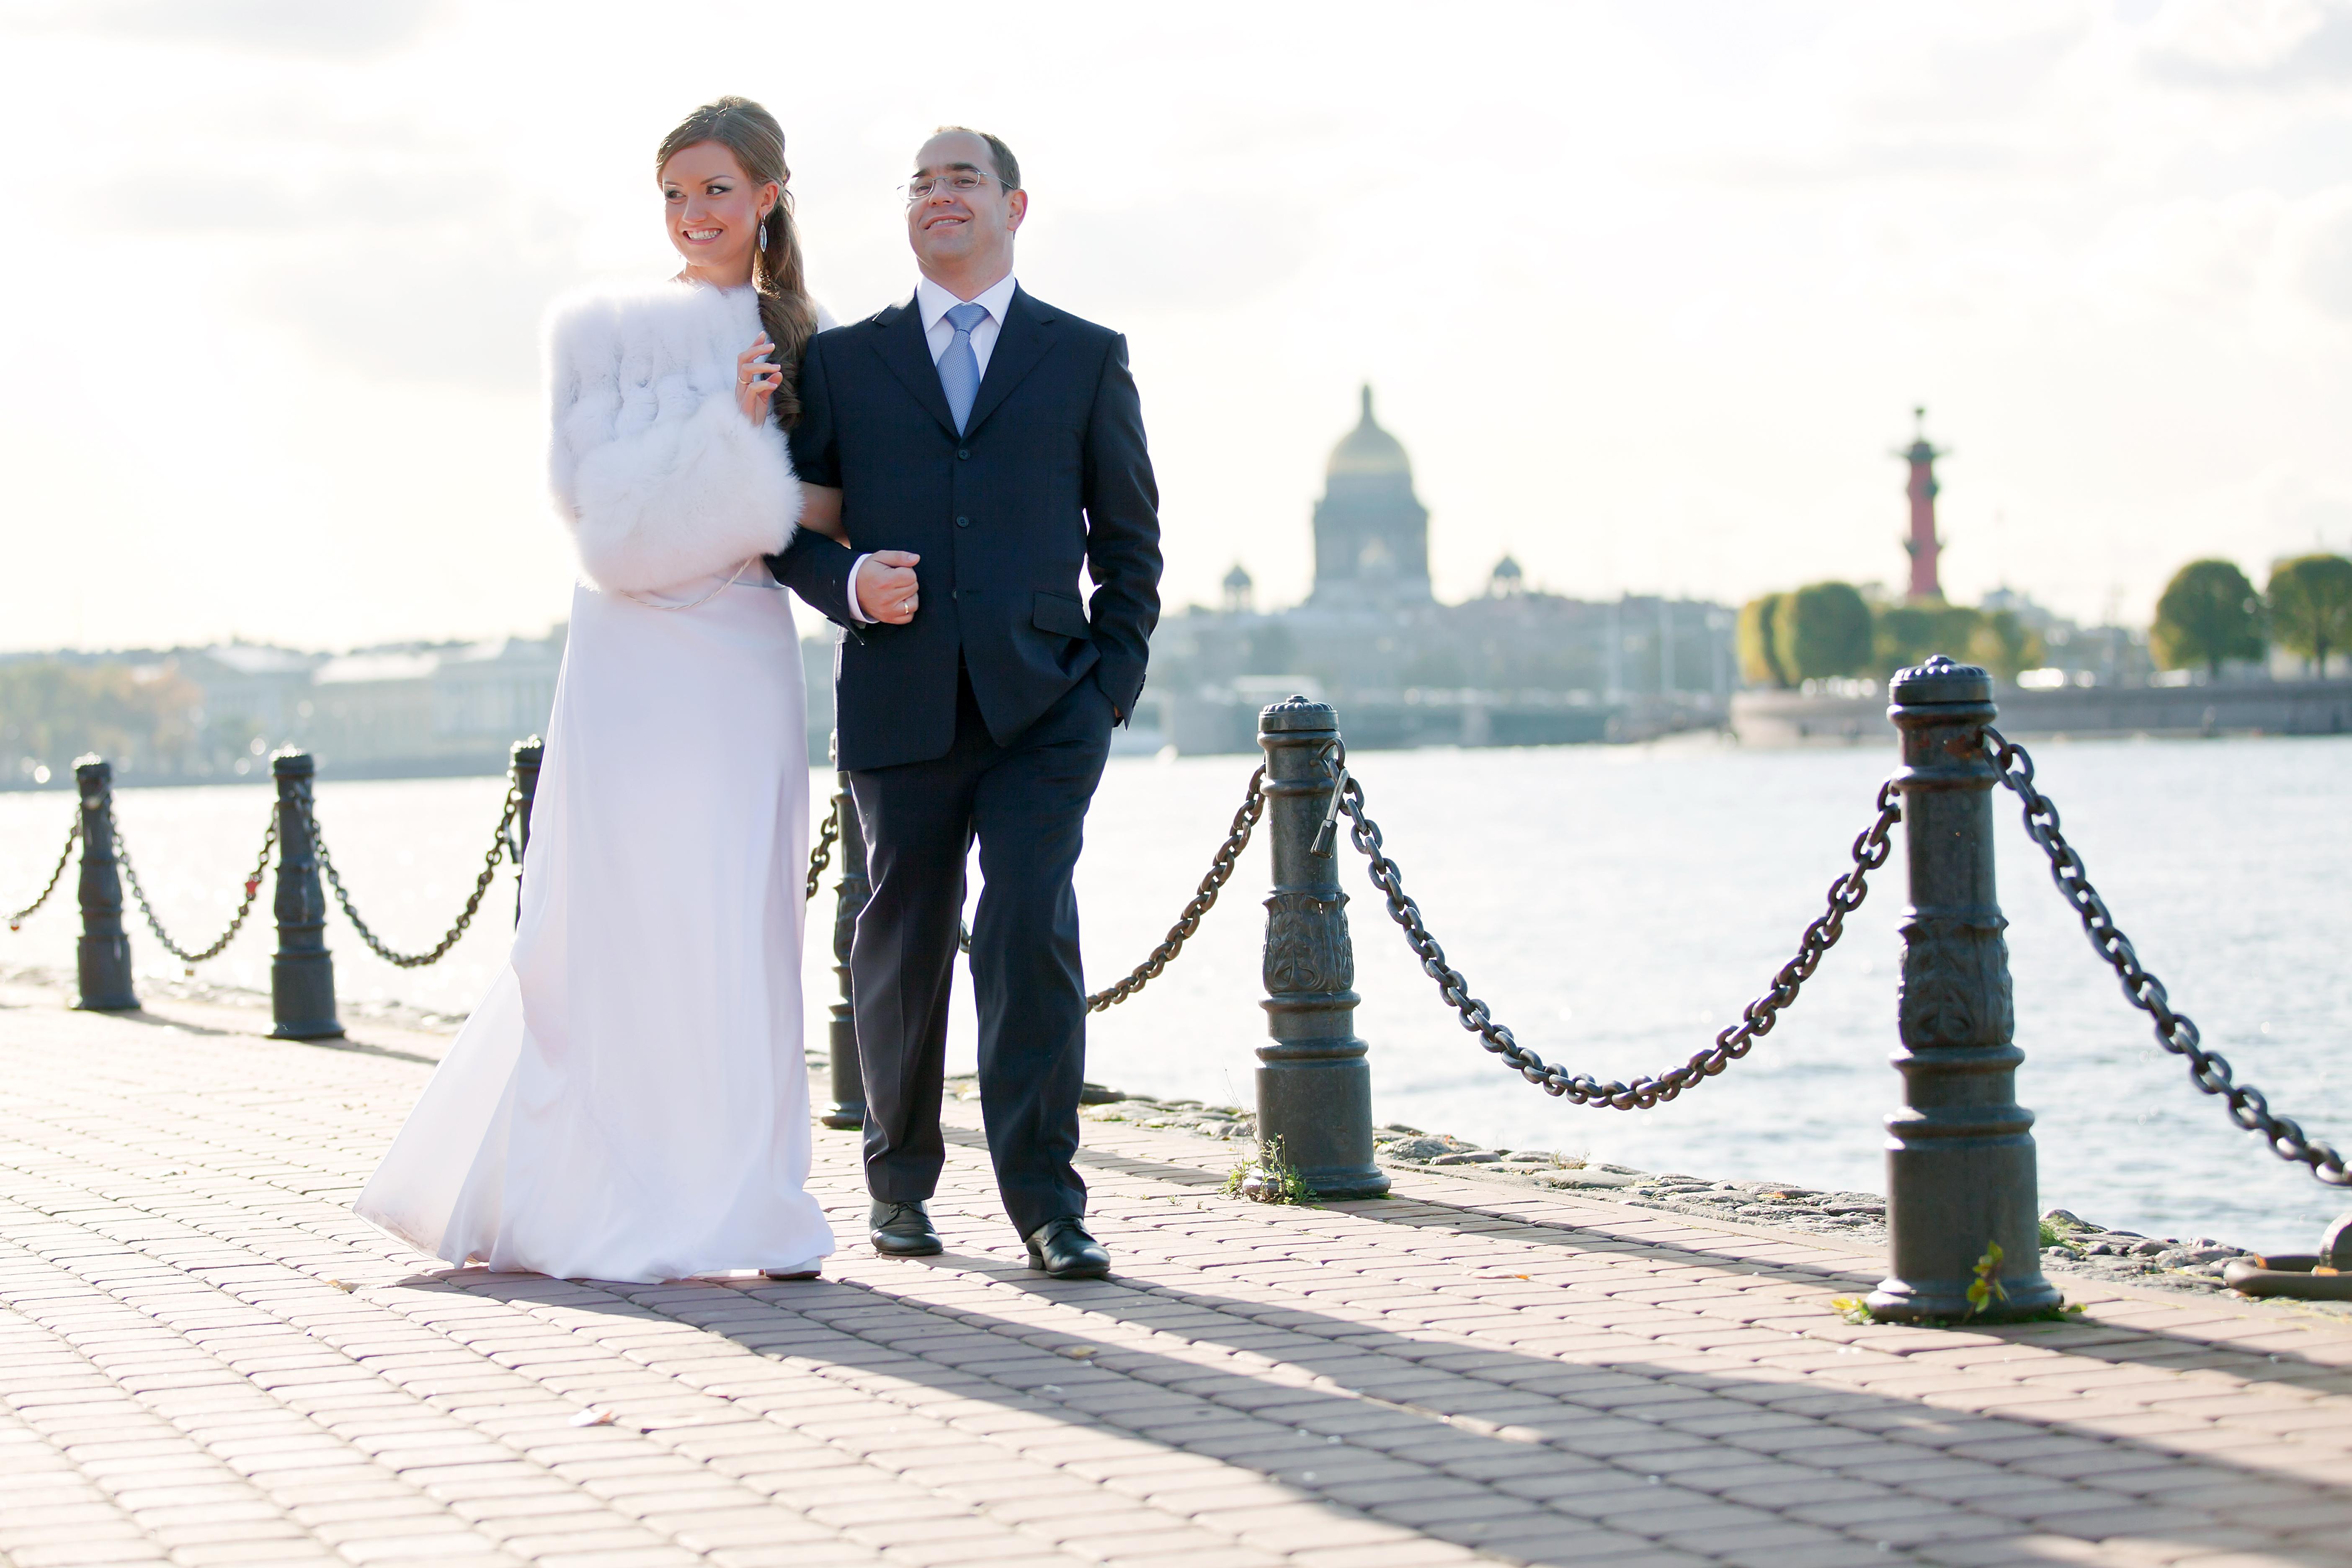 Накидки шубки горжетки пелерины напрокат купить Москва Wedding Fur